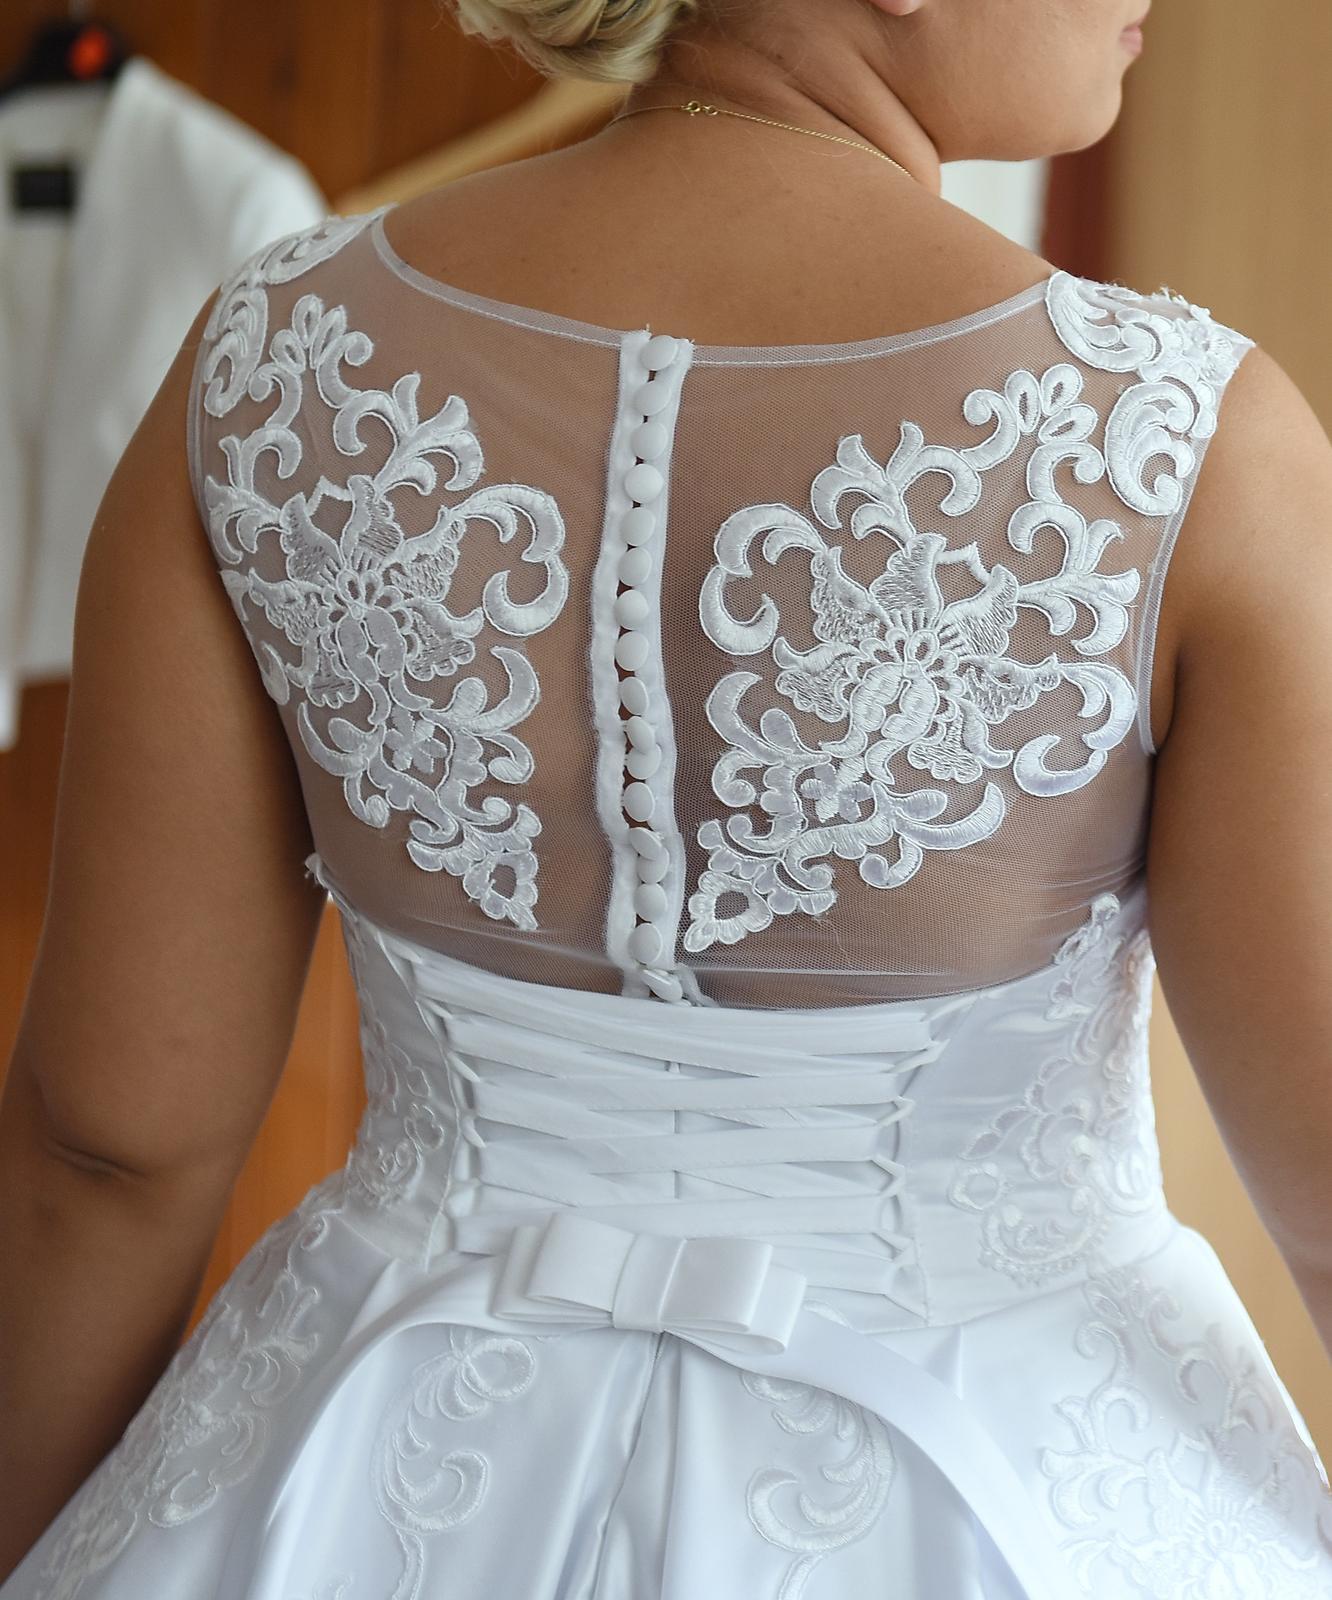 Svadobné šaty veľkosť 40 - Obrázok č. 4